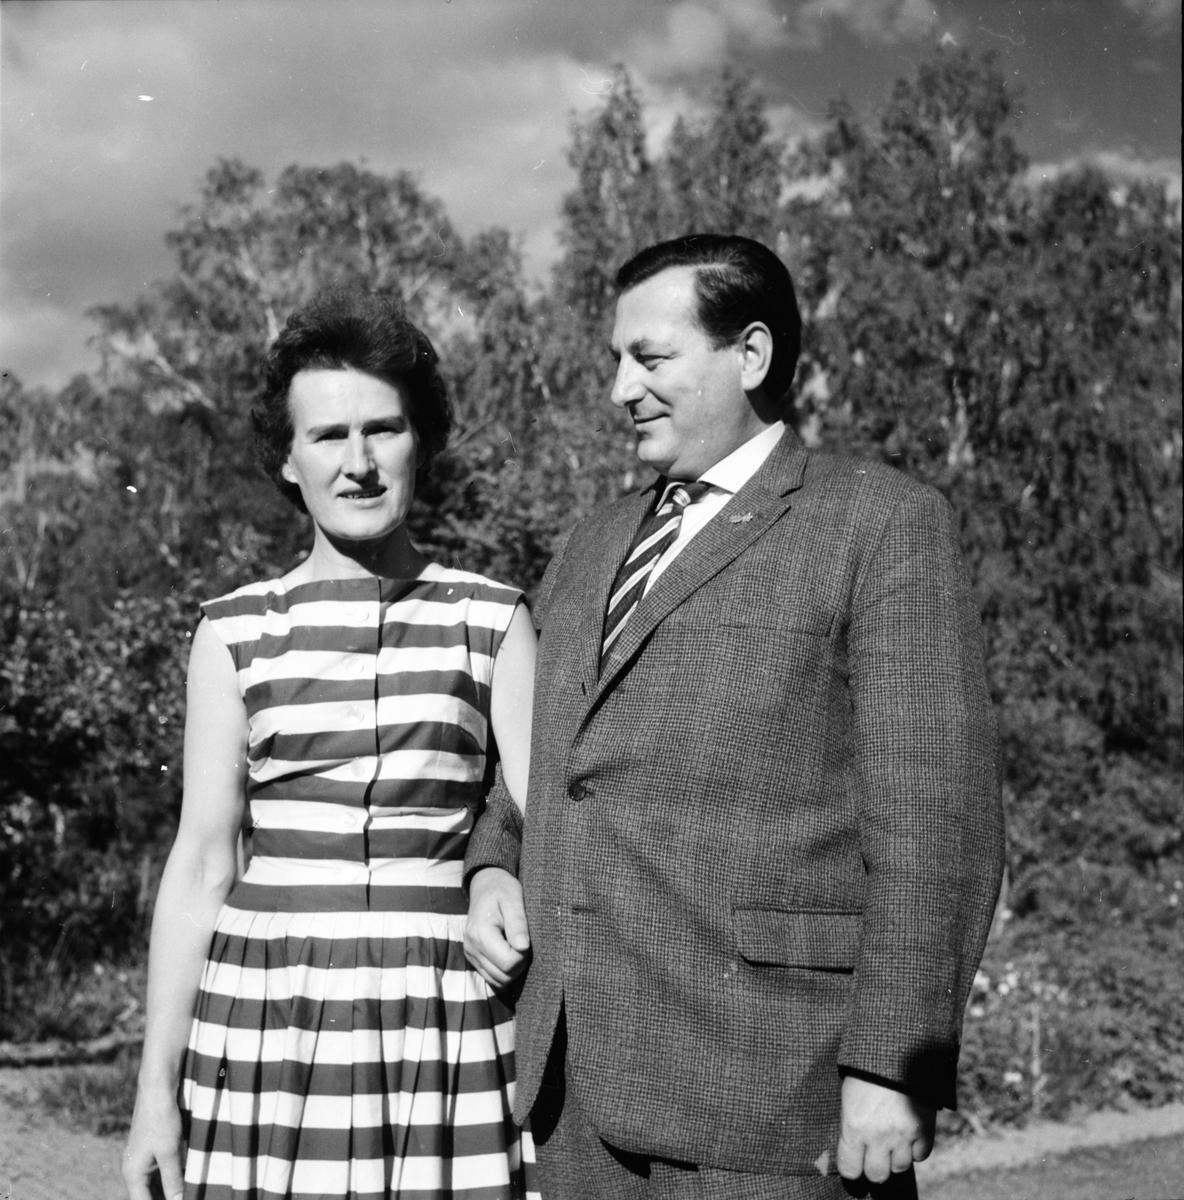 Gruvberget, Utflykt, Tyskt par, 1959